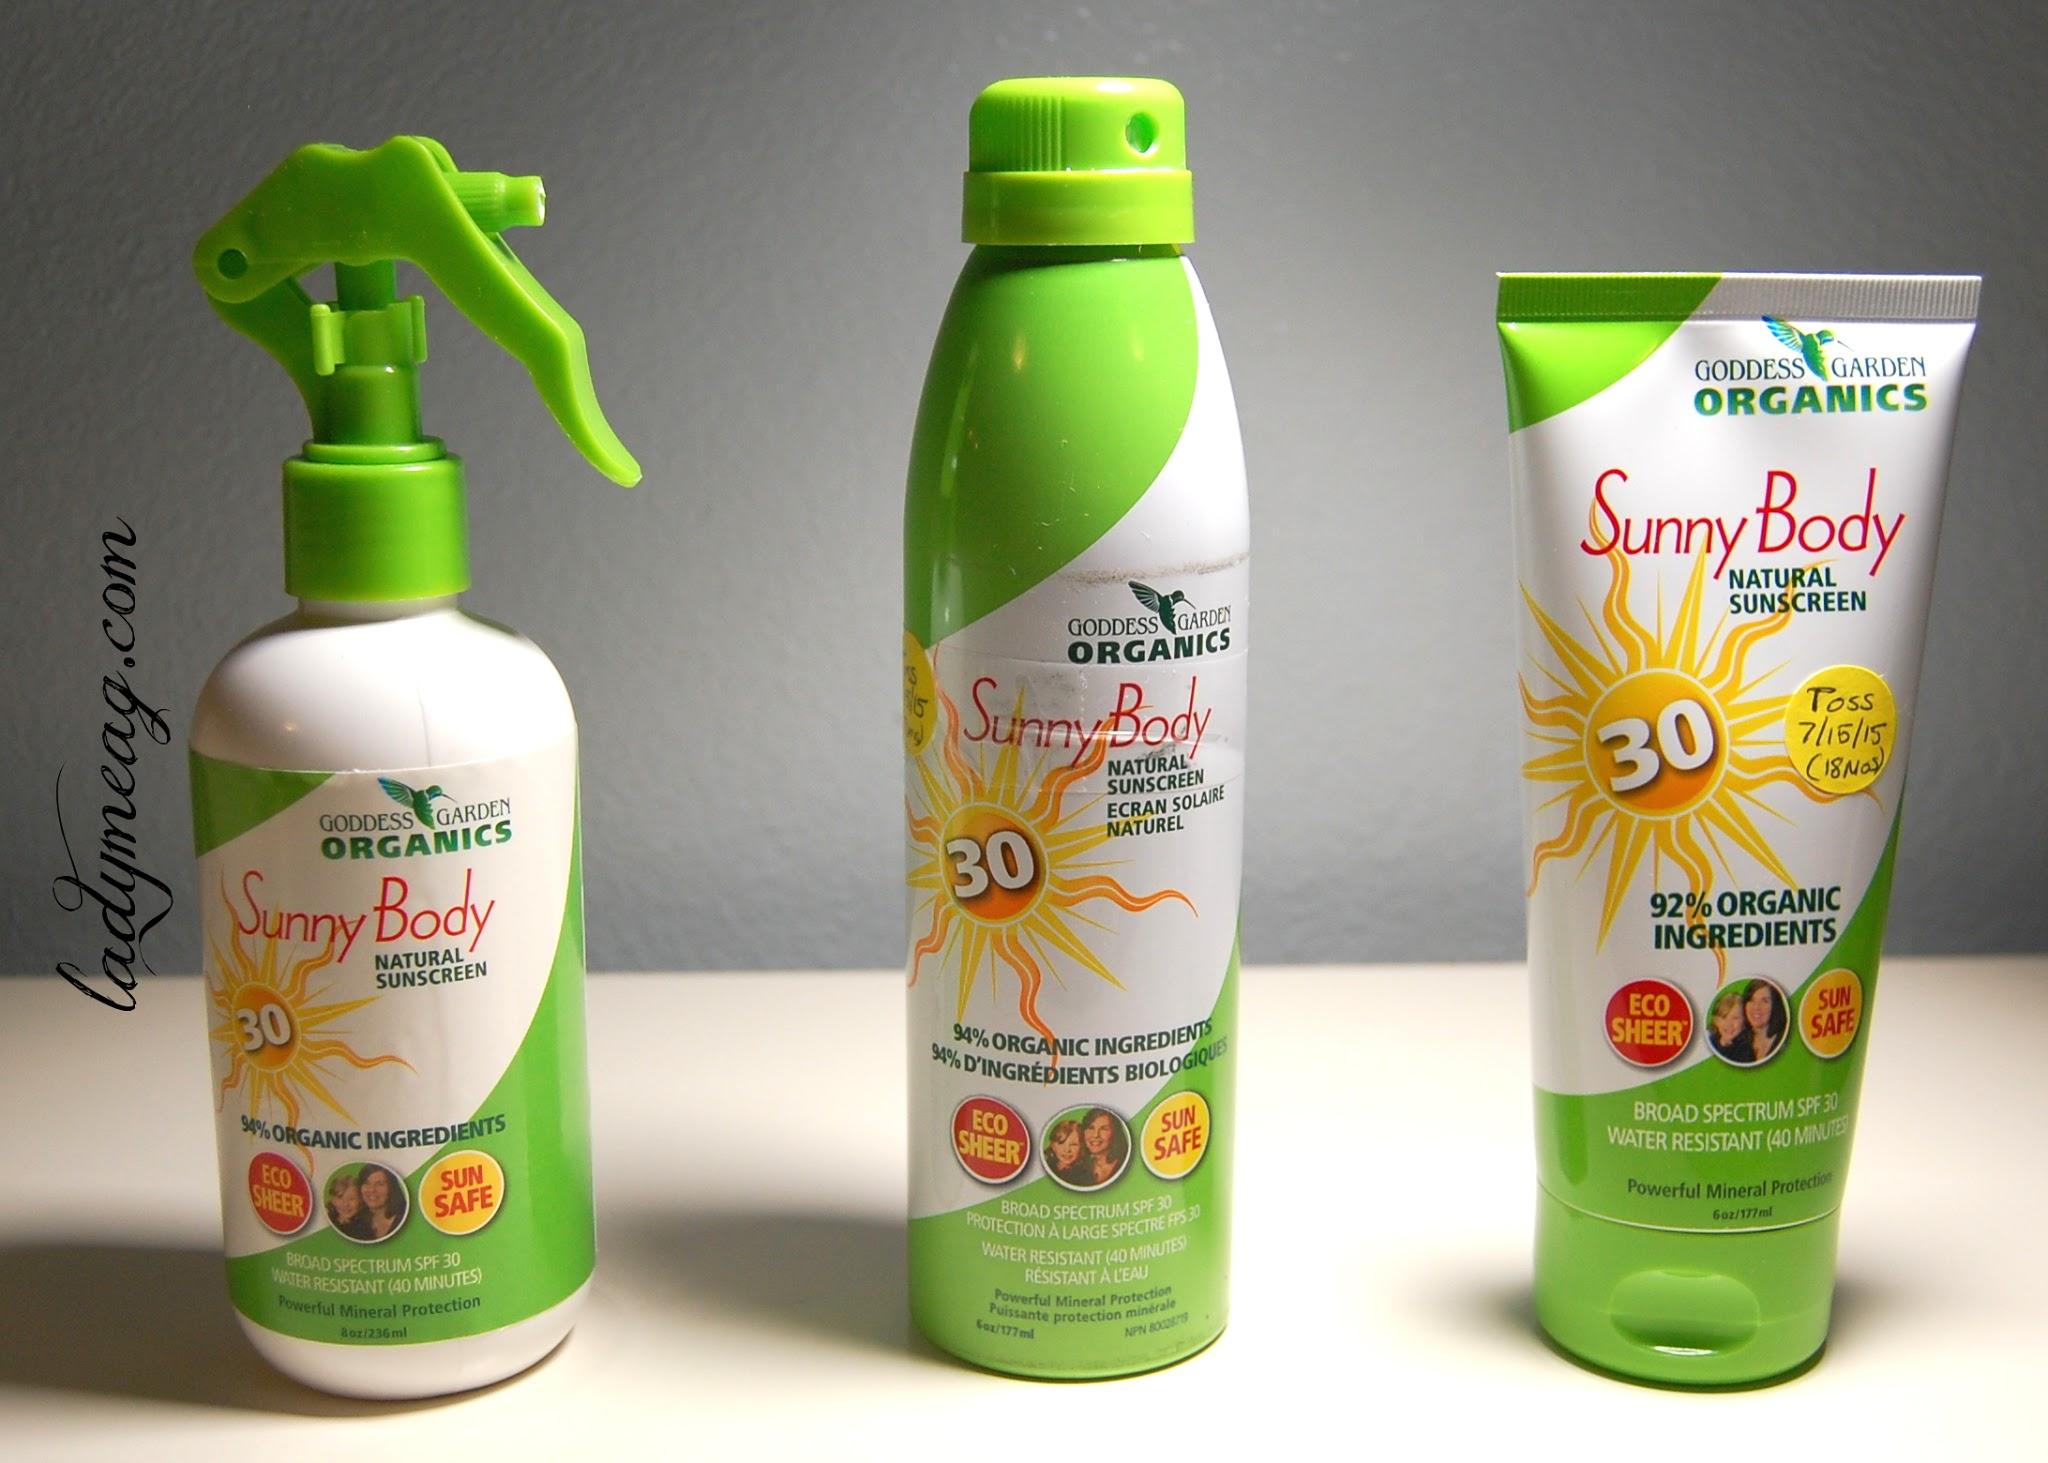 ss goddess garden baby natural sunscreen organics ml spf tube ca noahsnaturalfoods